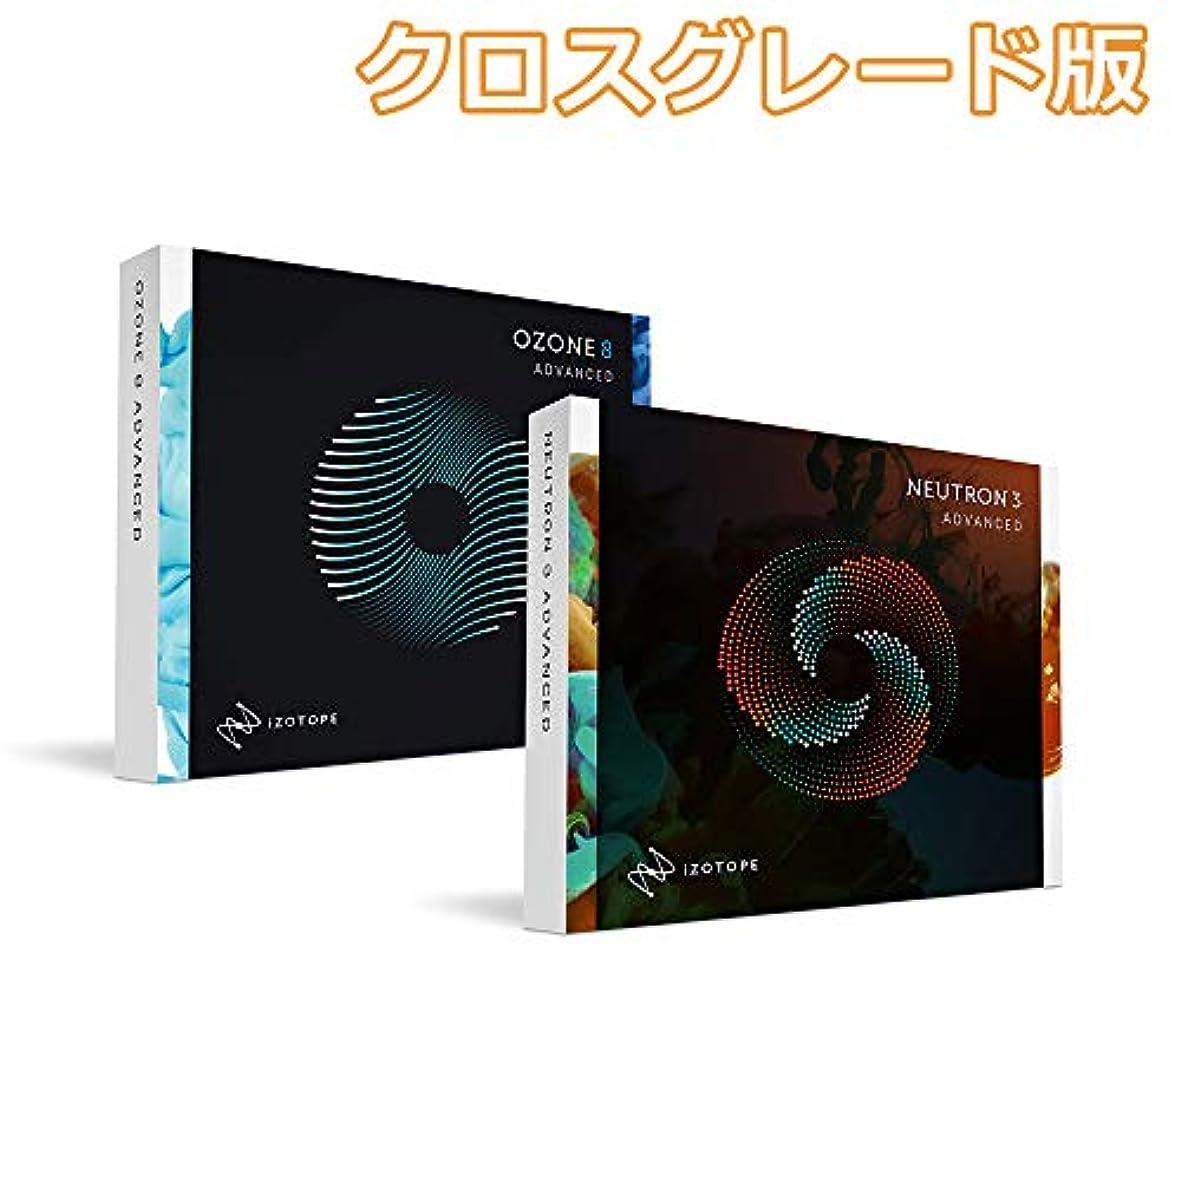 参加するギャップ便益iZotope Mix & Master Bundle (Advanced)(Ozone8 Adv + Neutron3 Adv) クロスグレード版 from any iZotope product (including Elements) 【ダウンロード版】 アイゾトープ